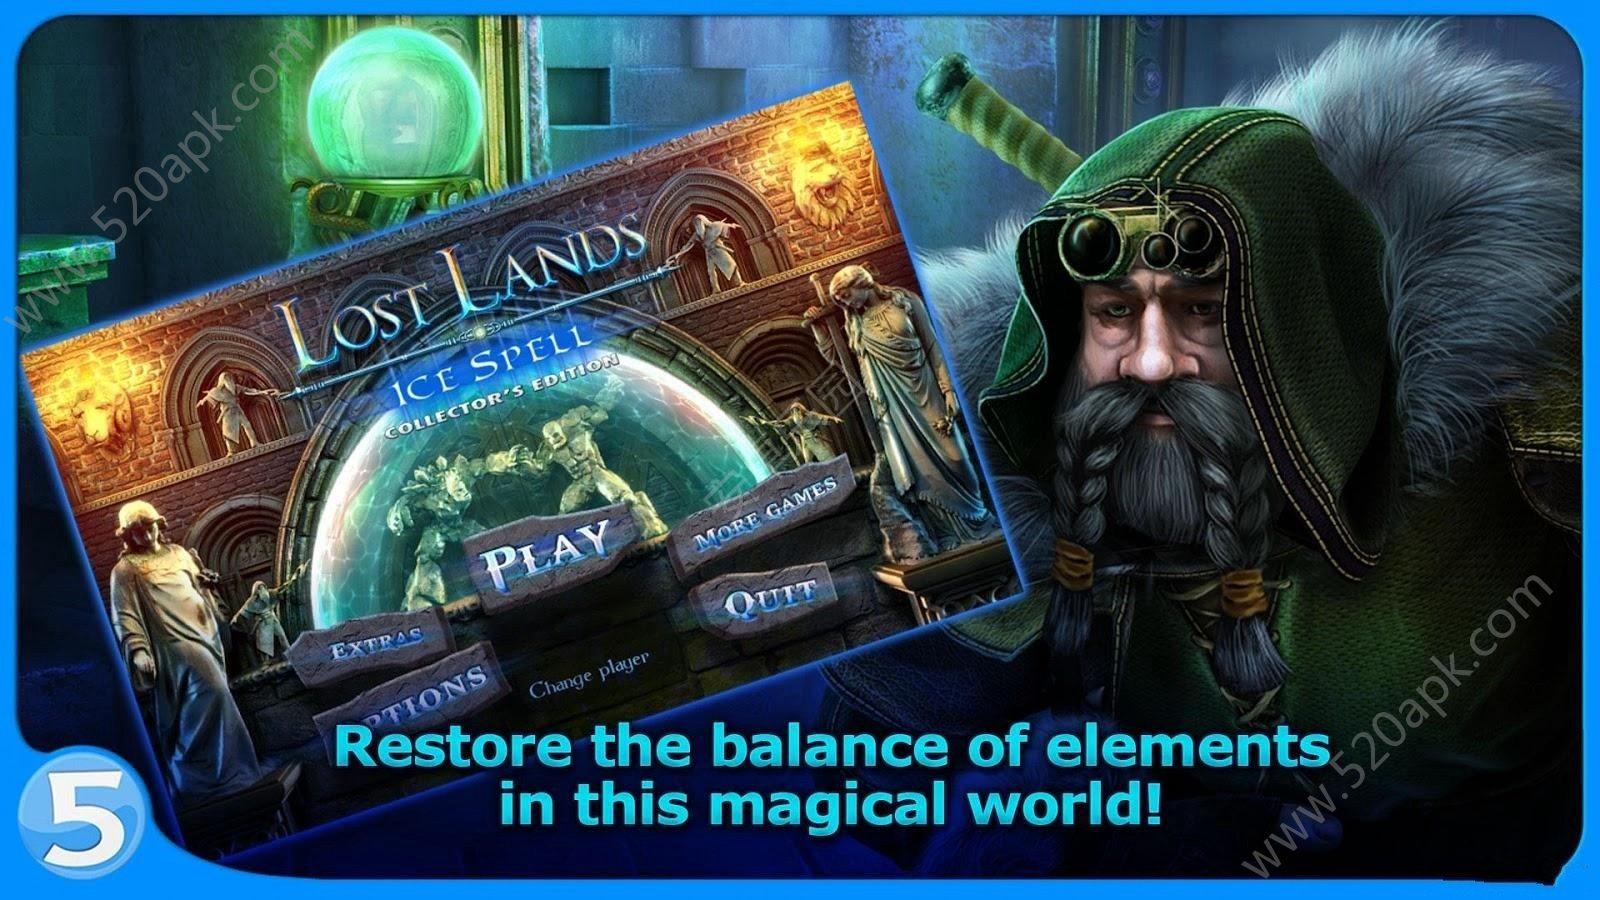 失落领地5必赢亚洲56.net必赢亚洲56.net手机版版下载(Lost Lands 5)图4: